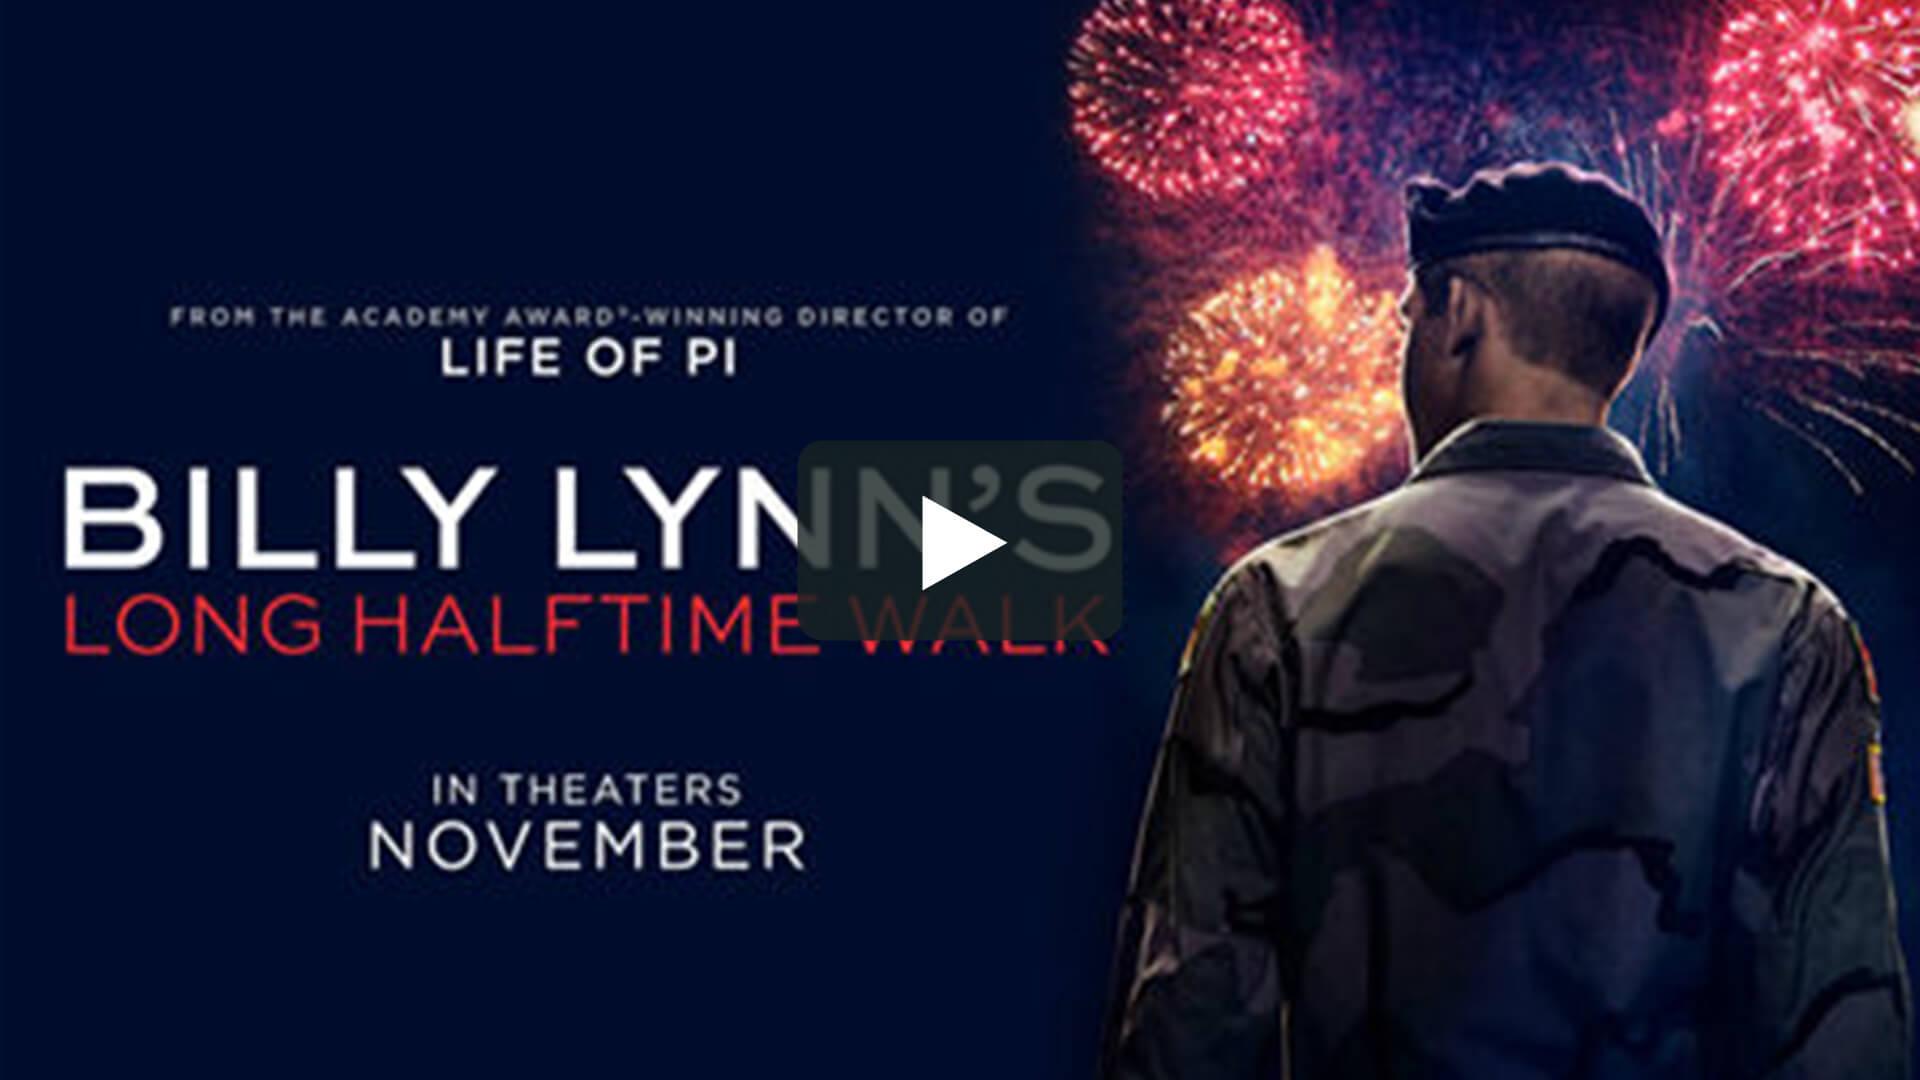 Billy Lynn's Long Halftime Walk - 比利·林恩的中場戰事